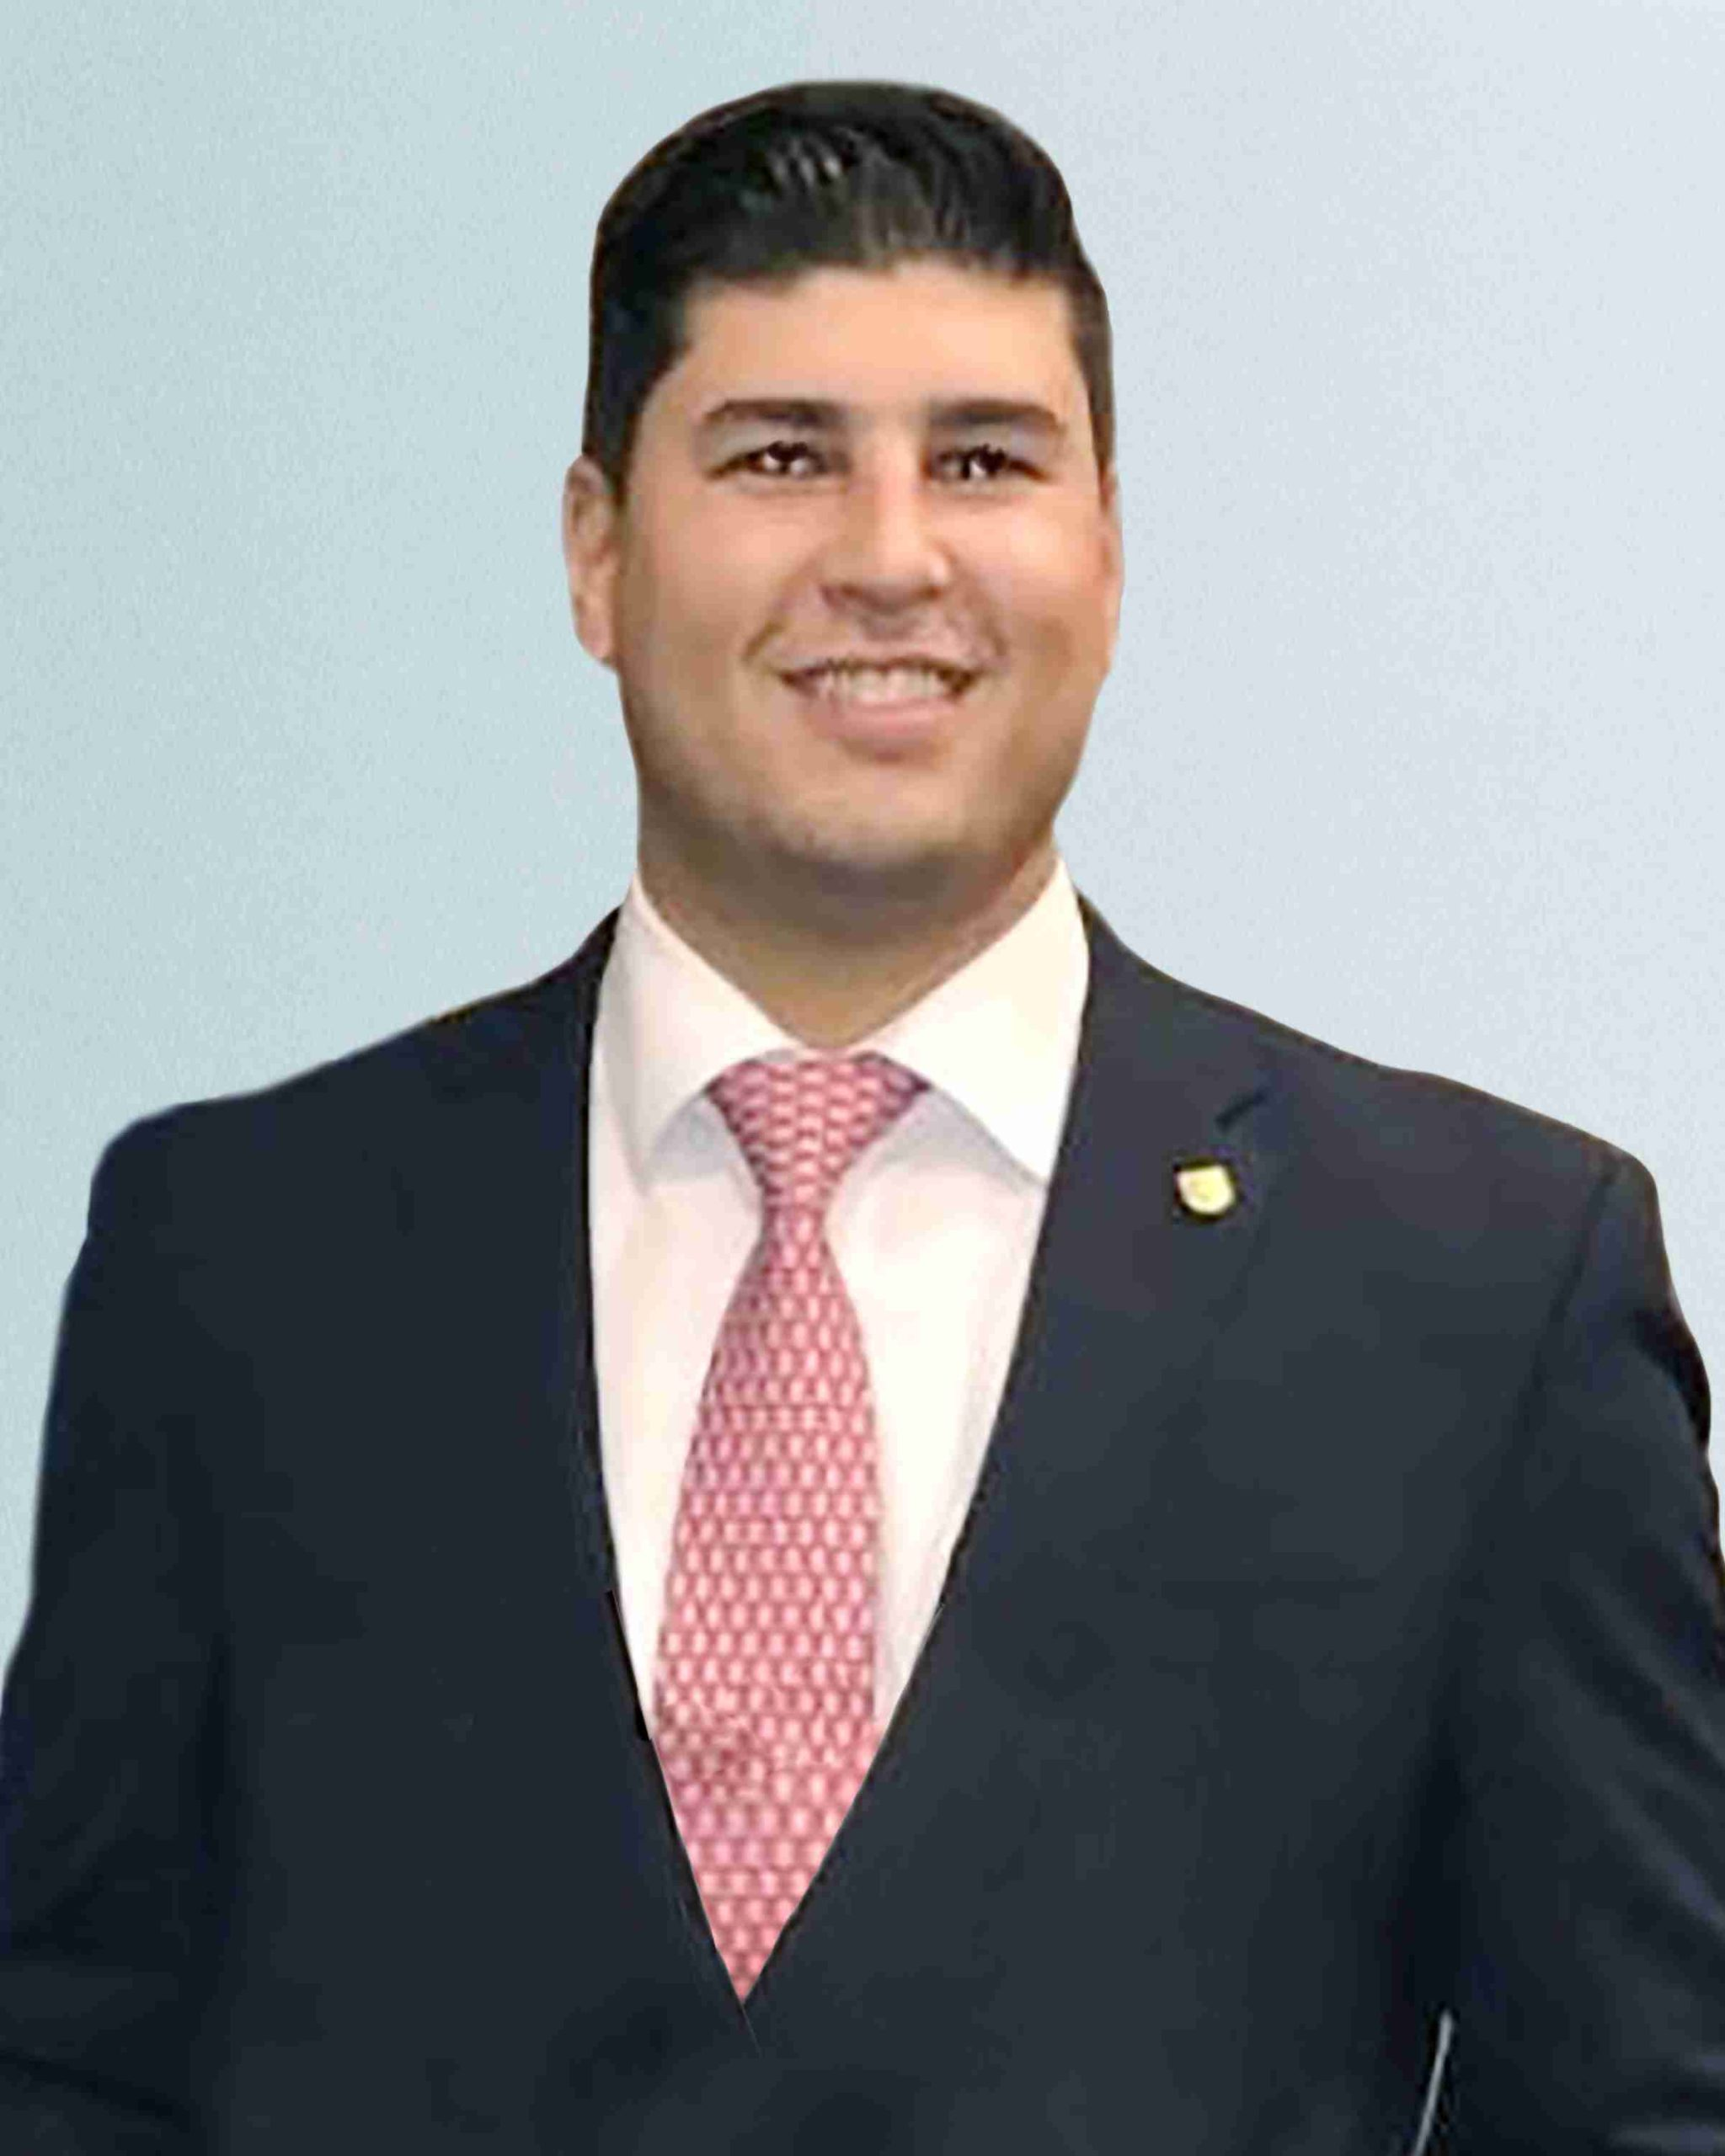 Jaime Millán